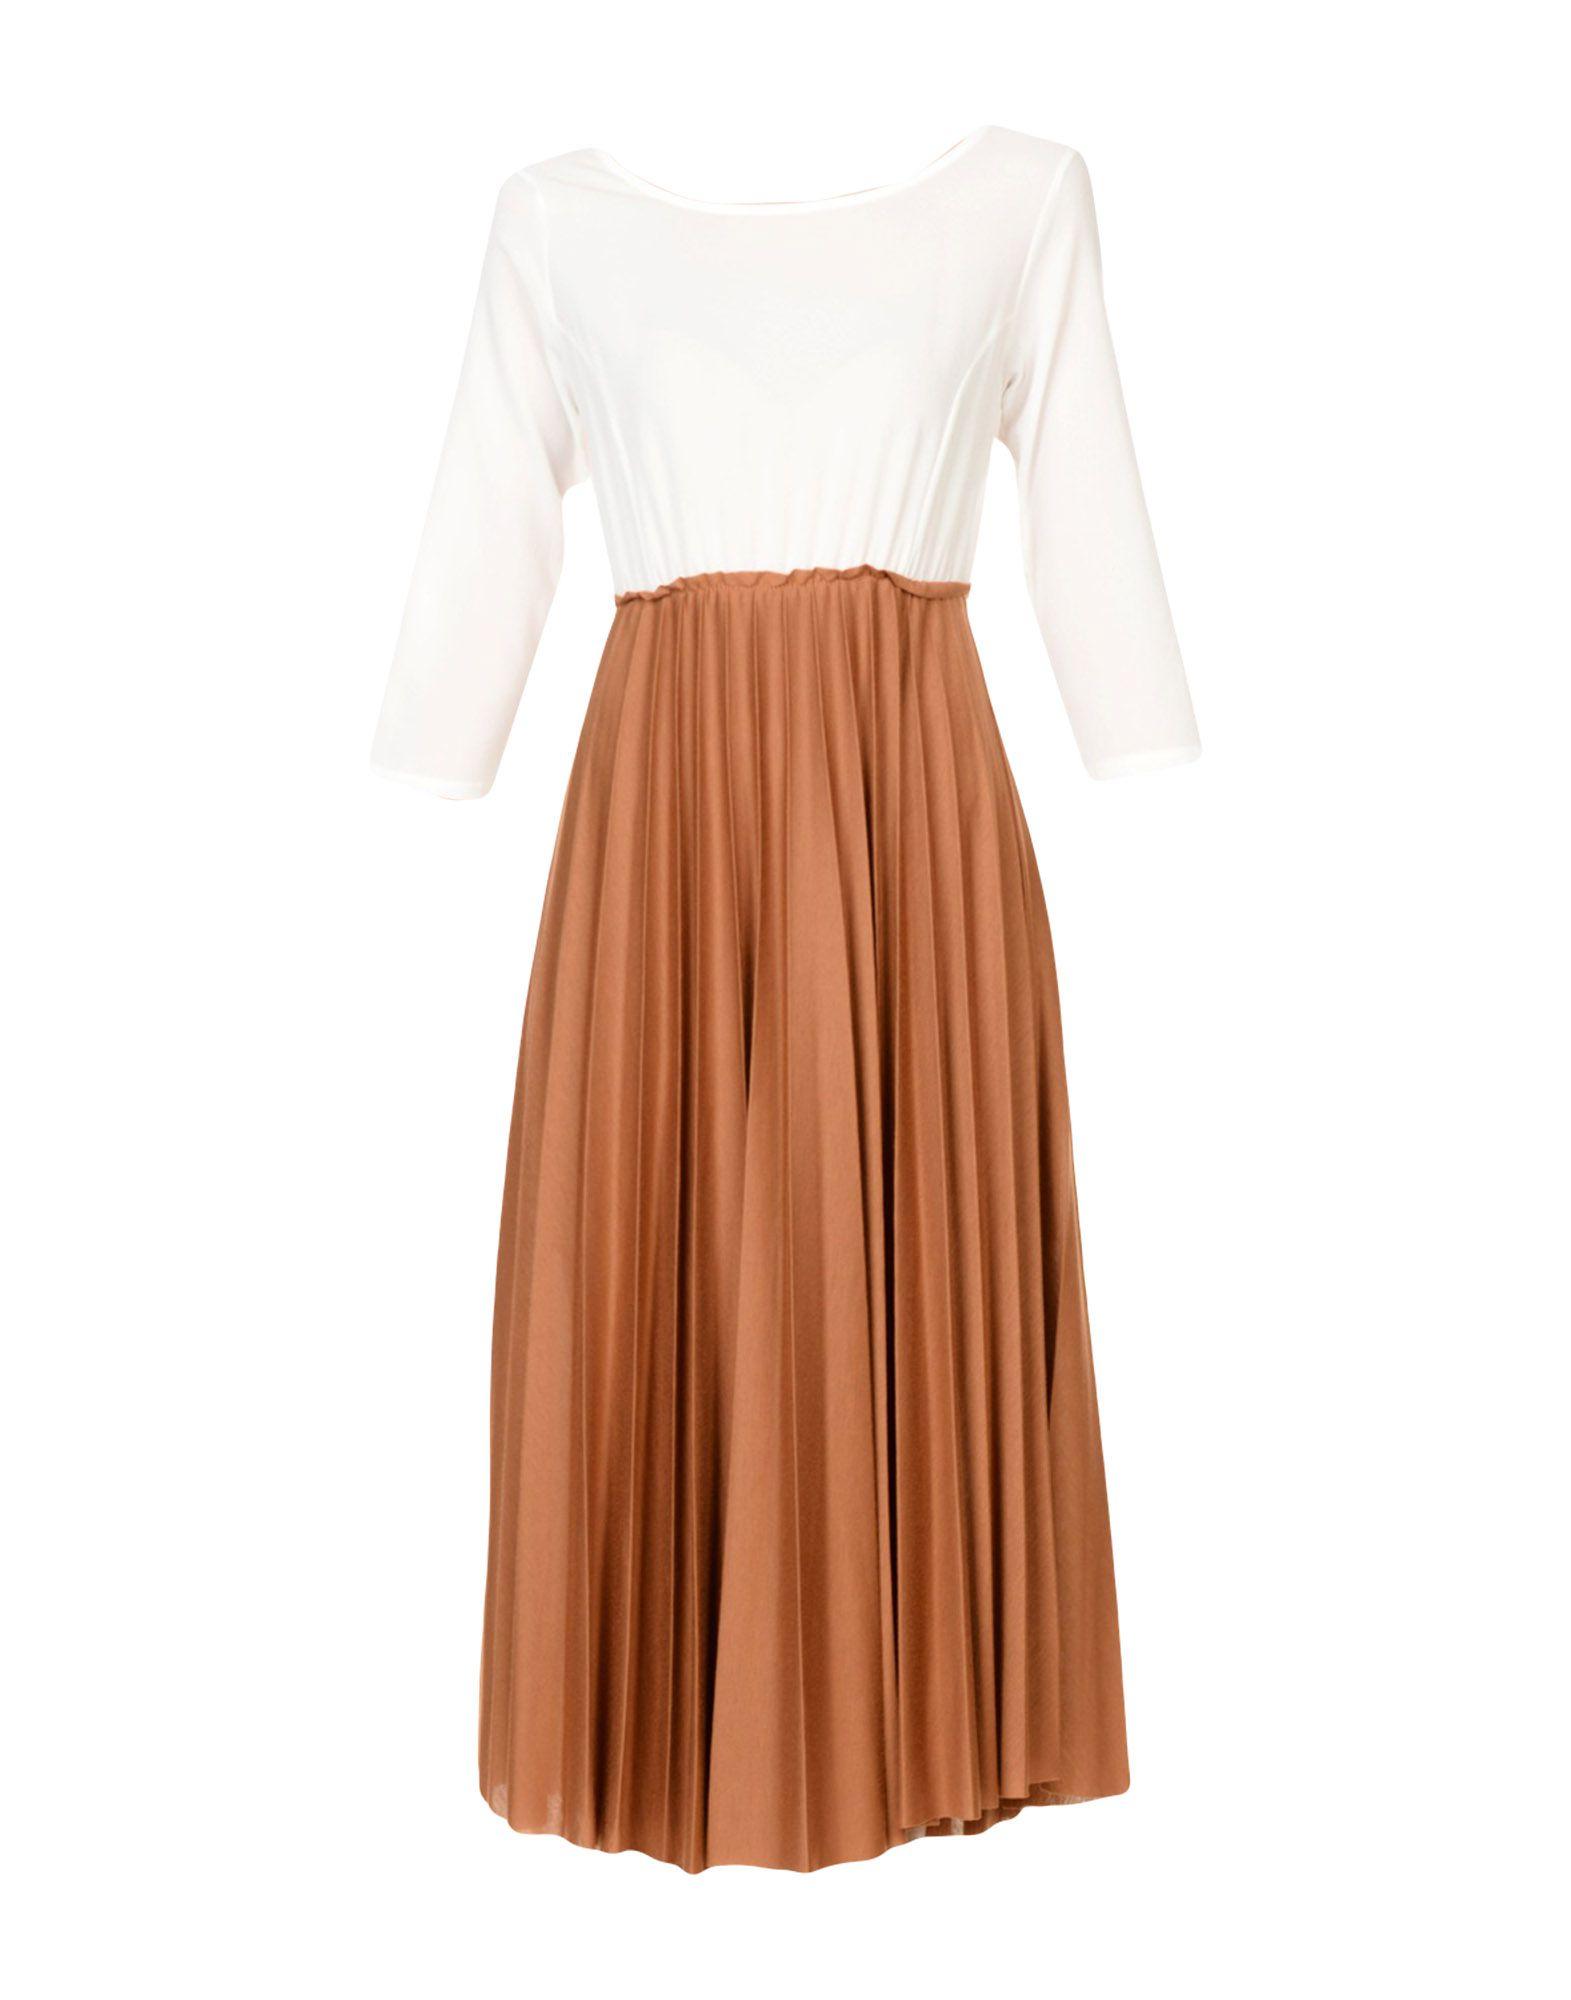 BERNA Платье длиной 3/4 bobi платье длиной 3 4